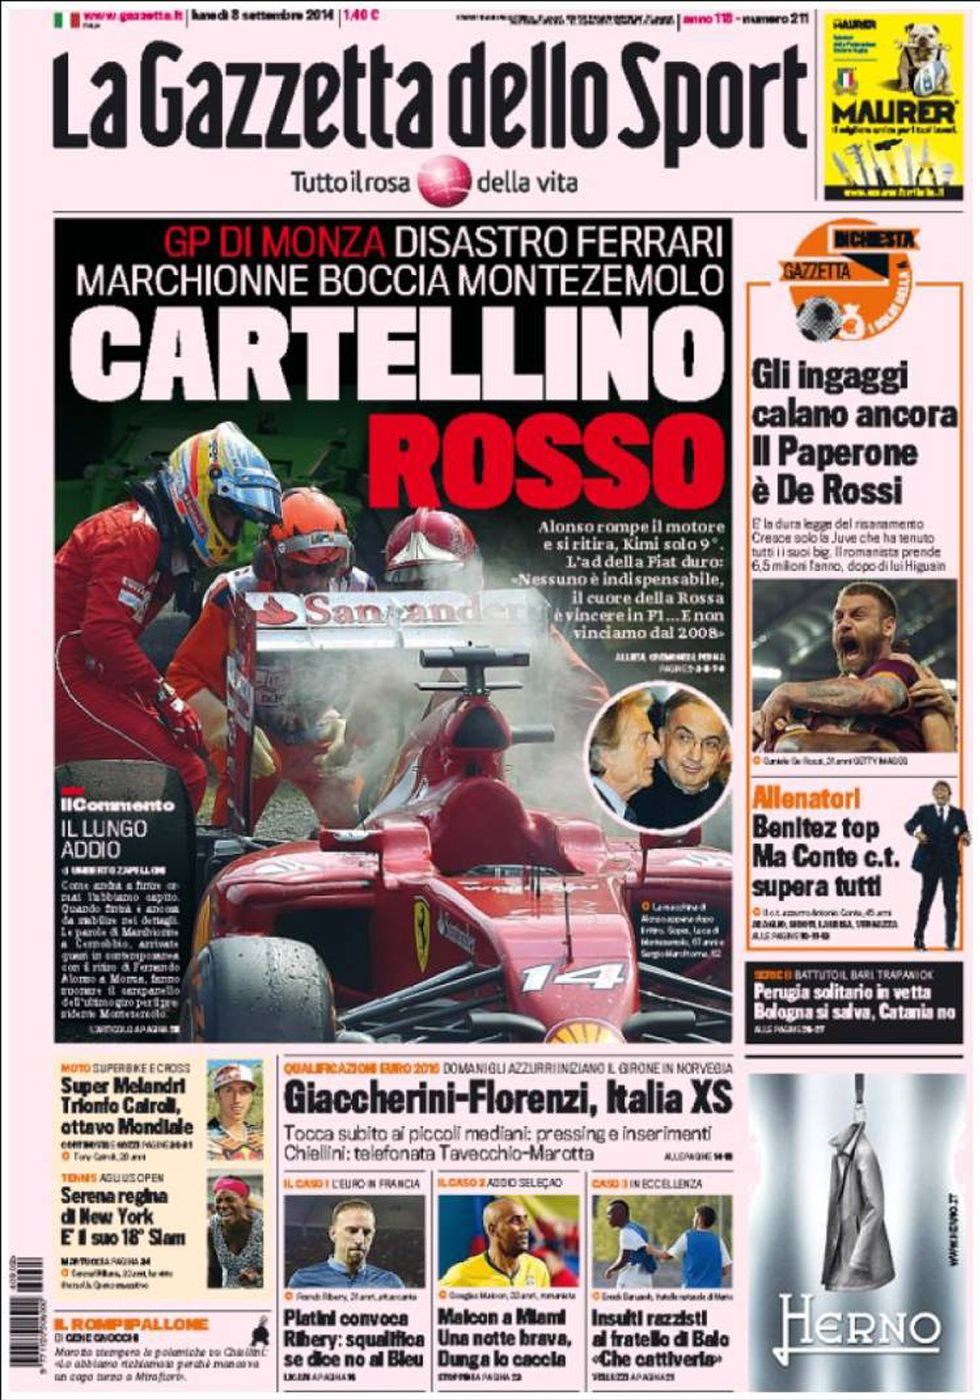 Gran Premio de Italia 2014 1410171973_038702_1410172725_noticia_grande